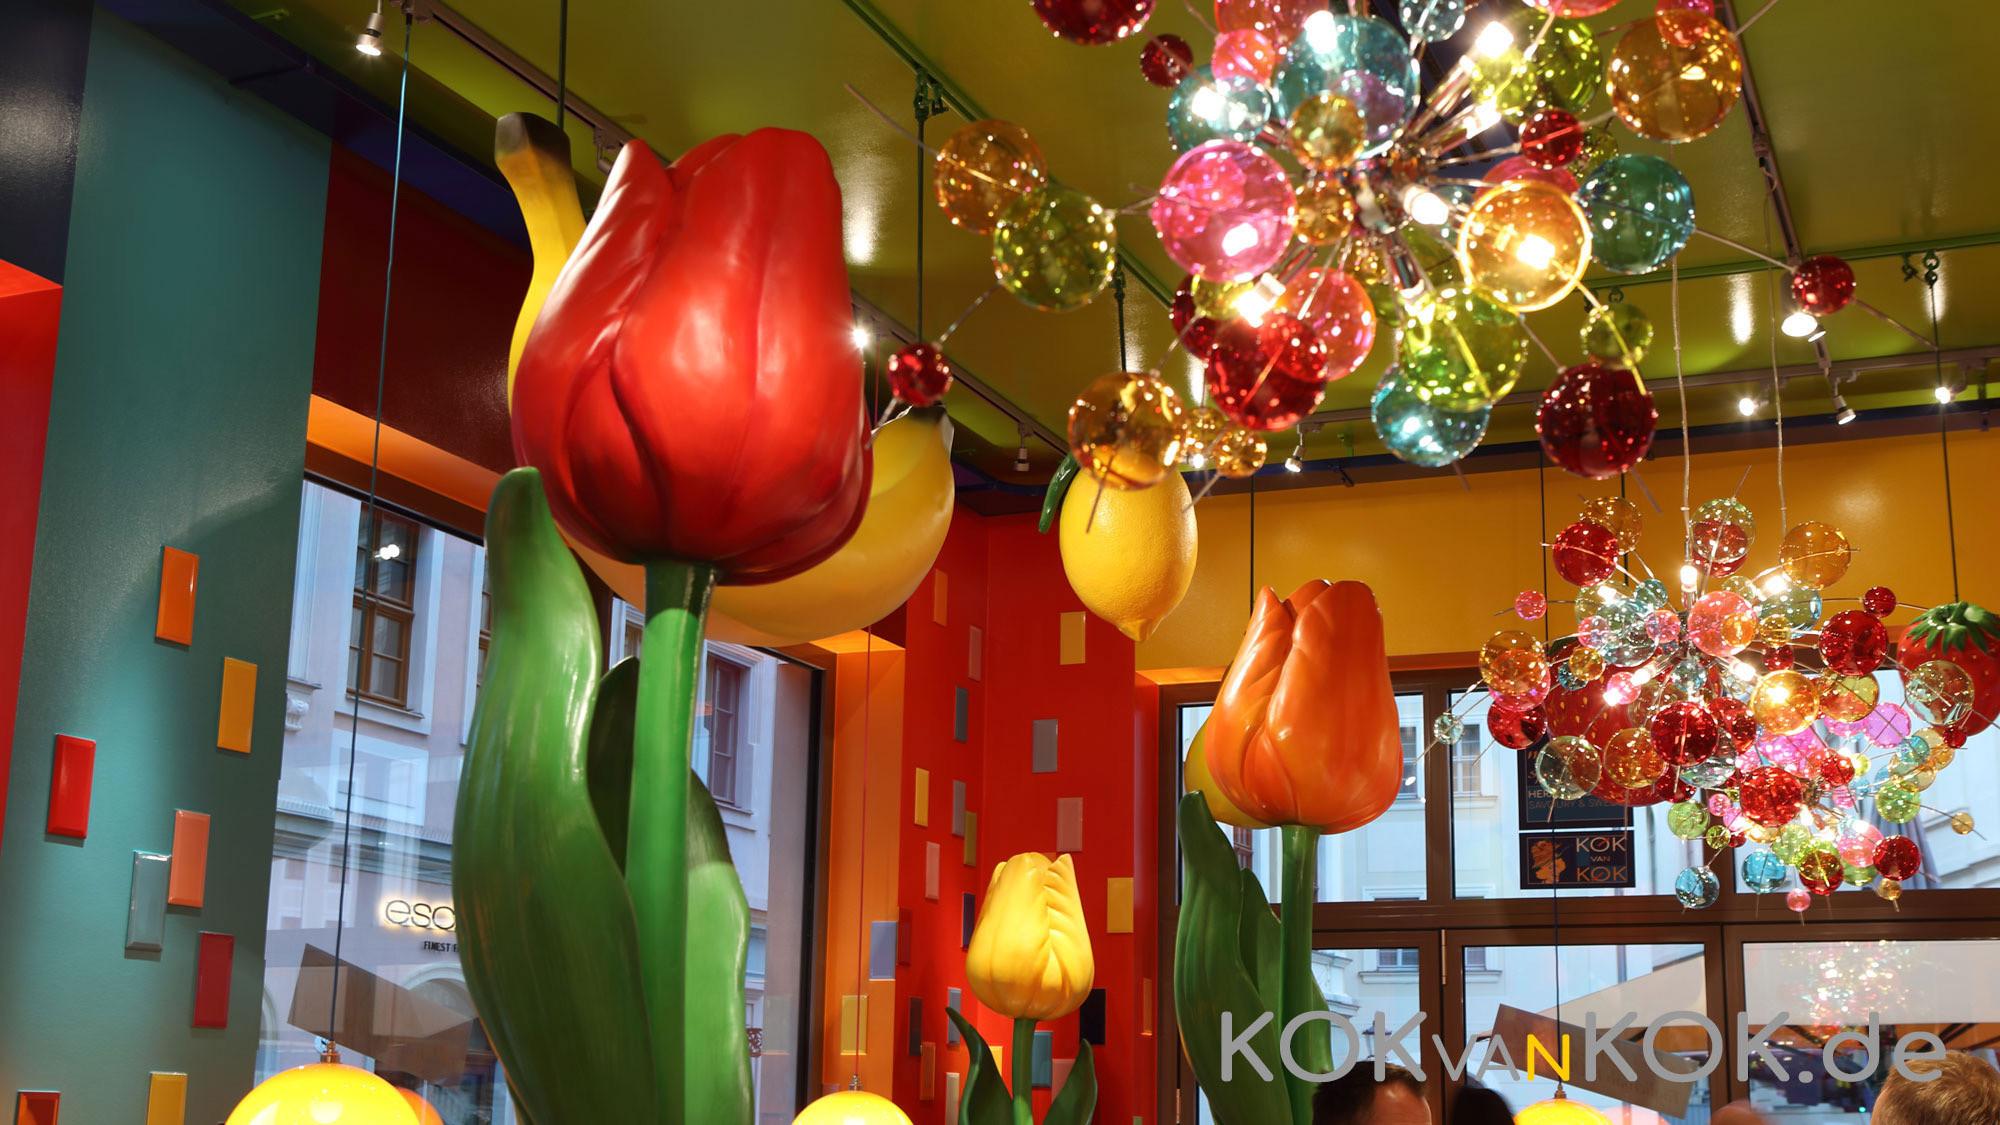 Gemeinsam mit Wunderräume hat Johannes Haenchen das Kok van Kok gestaltet - voller niederländischer Lebensfreude.